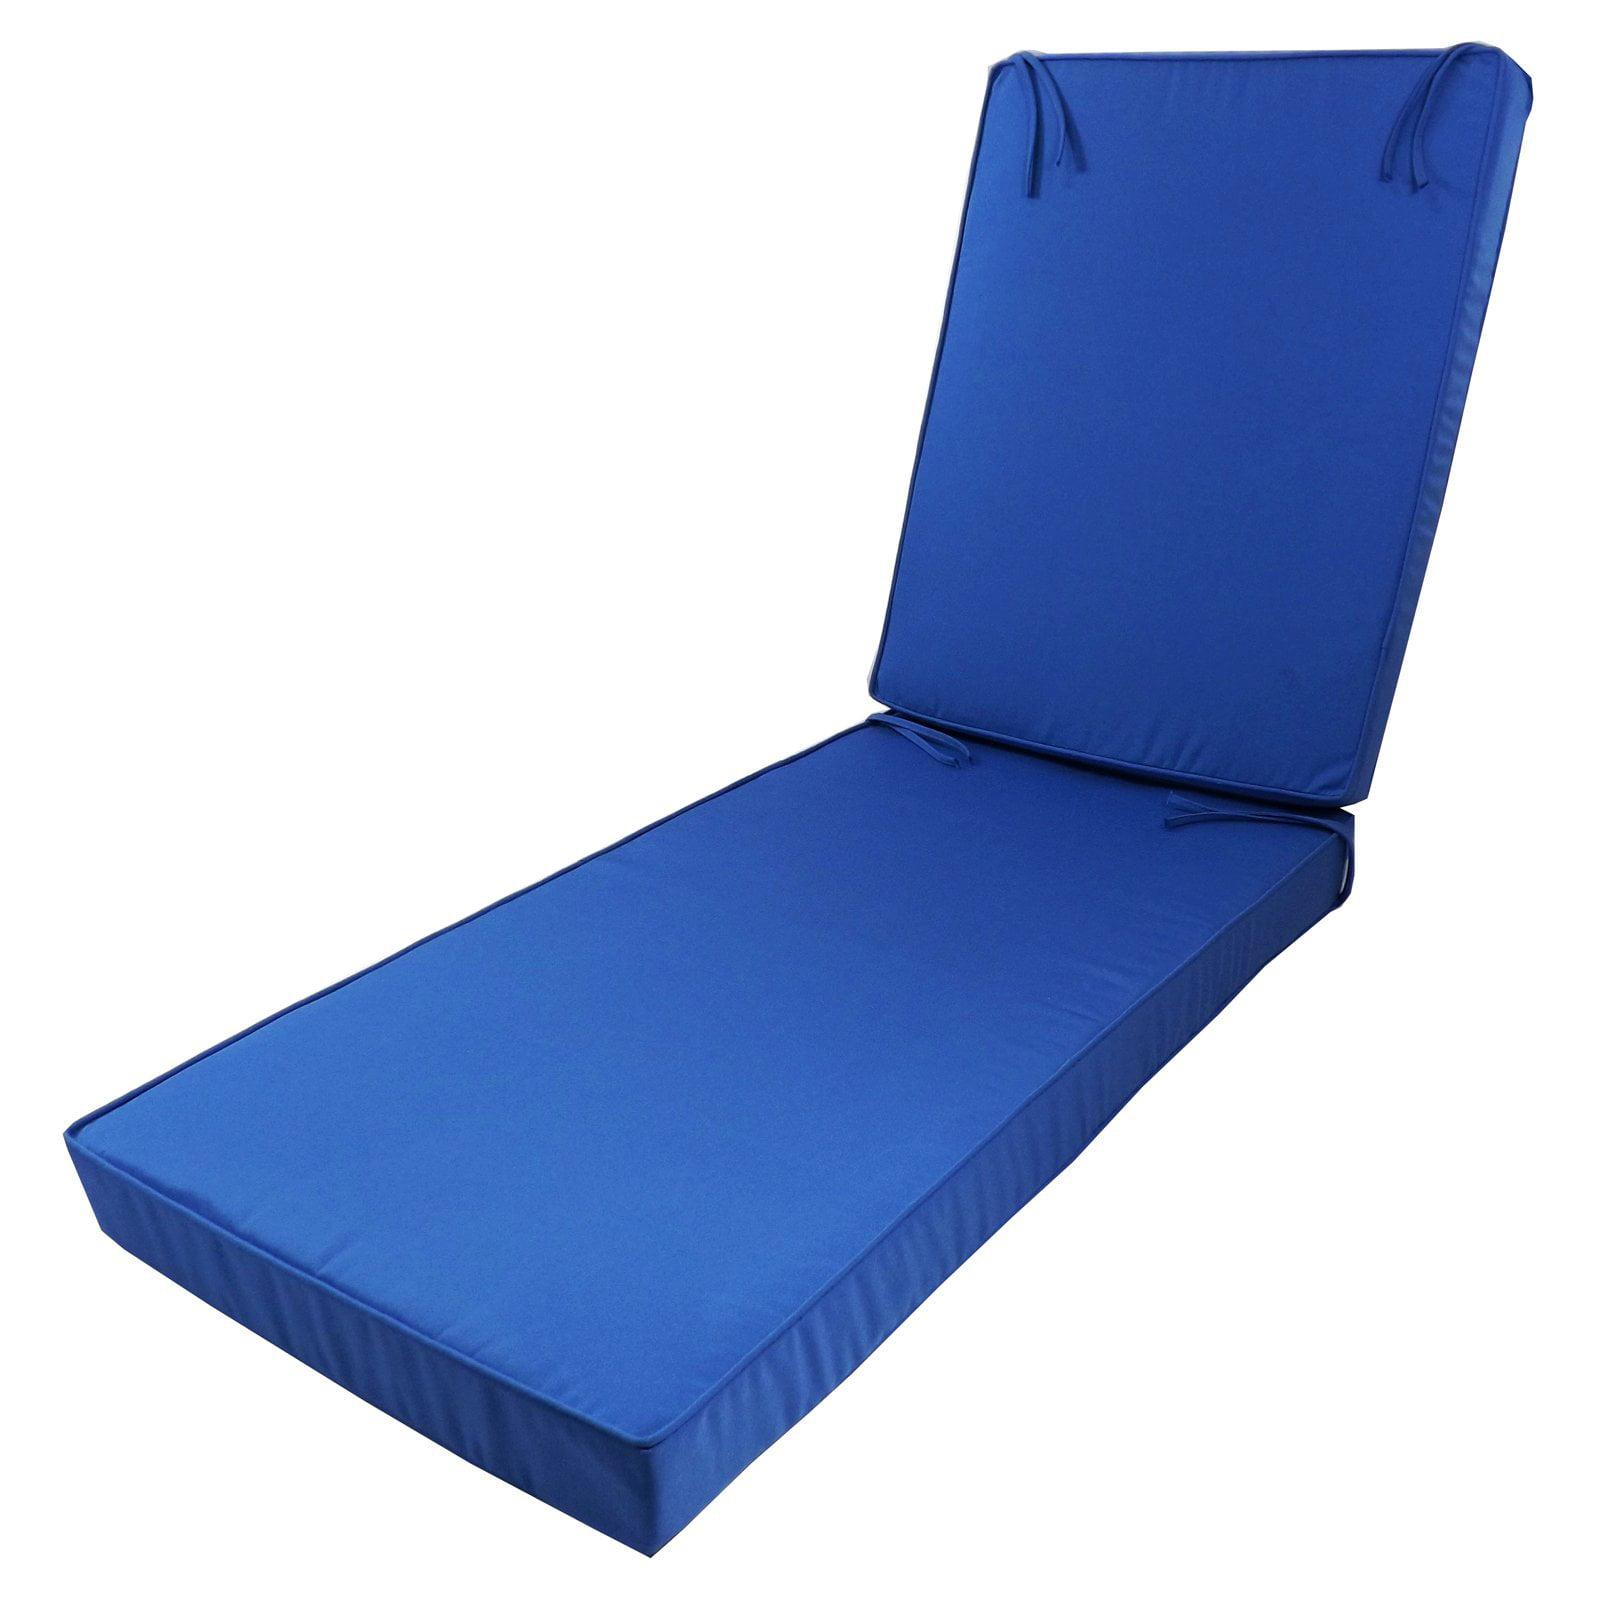 - Cushion Pros Sunbrella Deep Seating Chaise Lounge Cushion